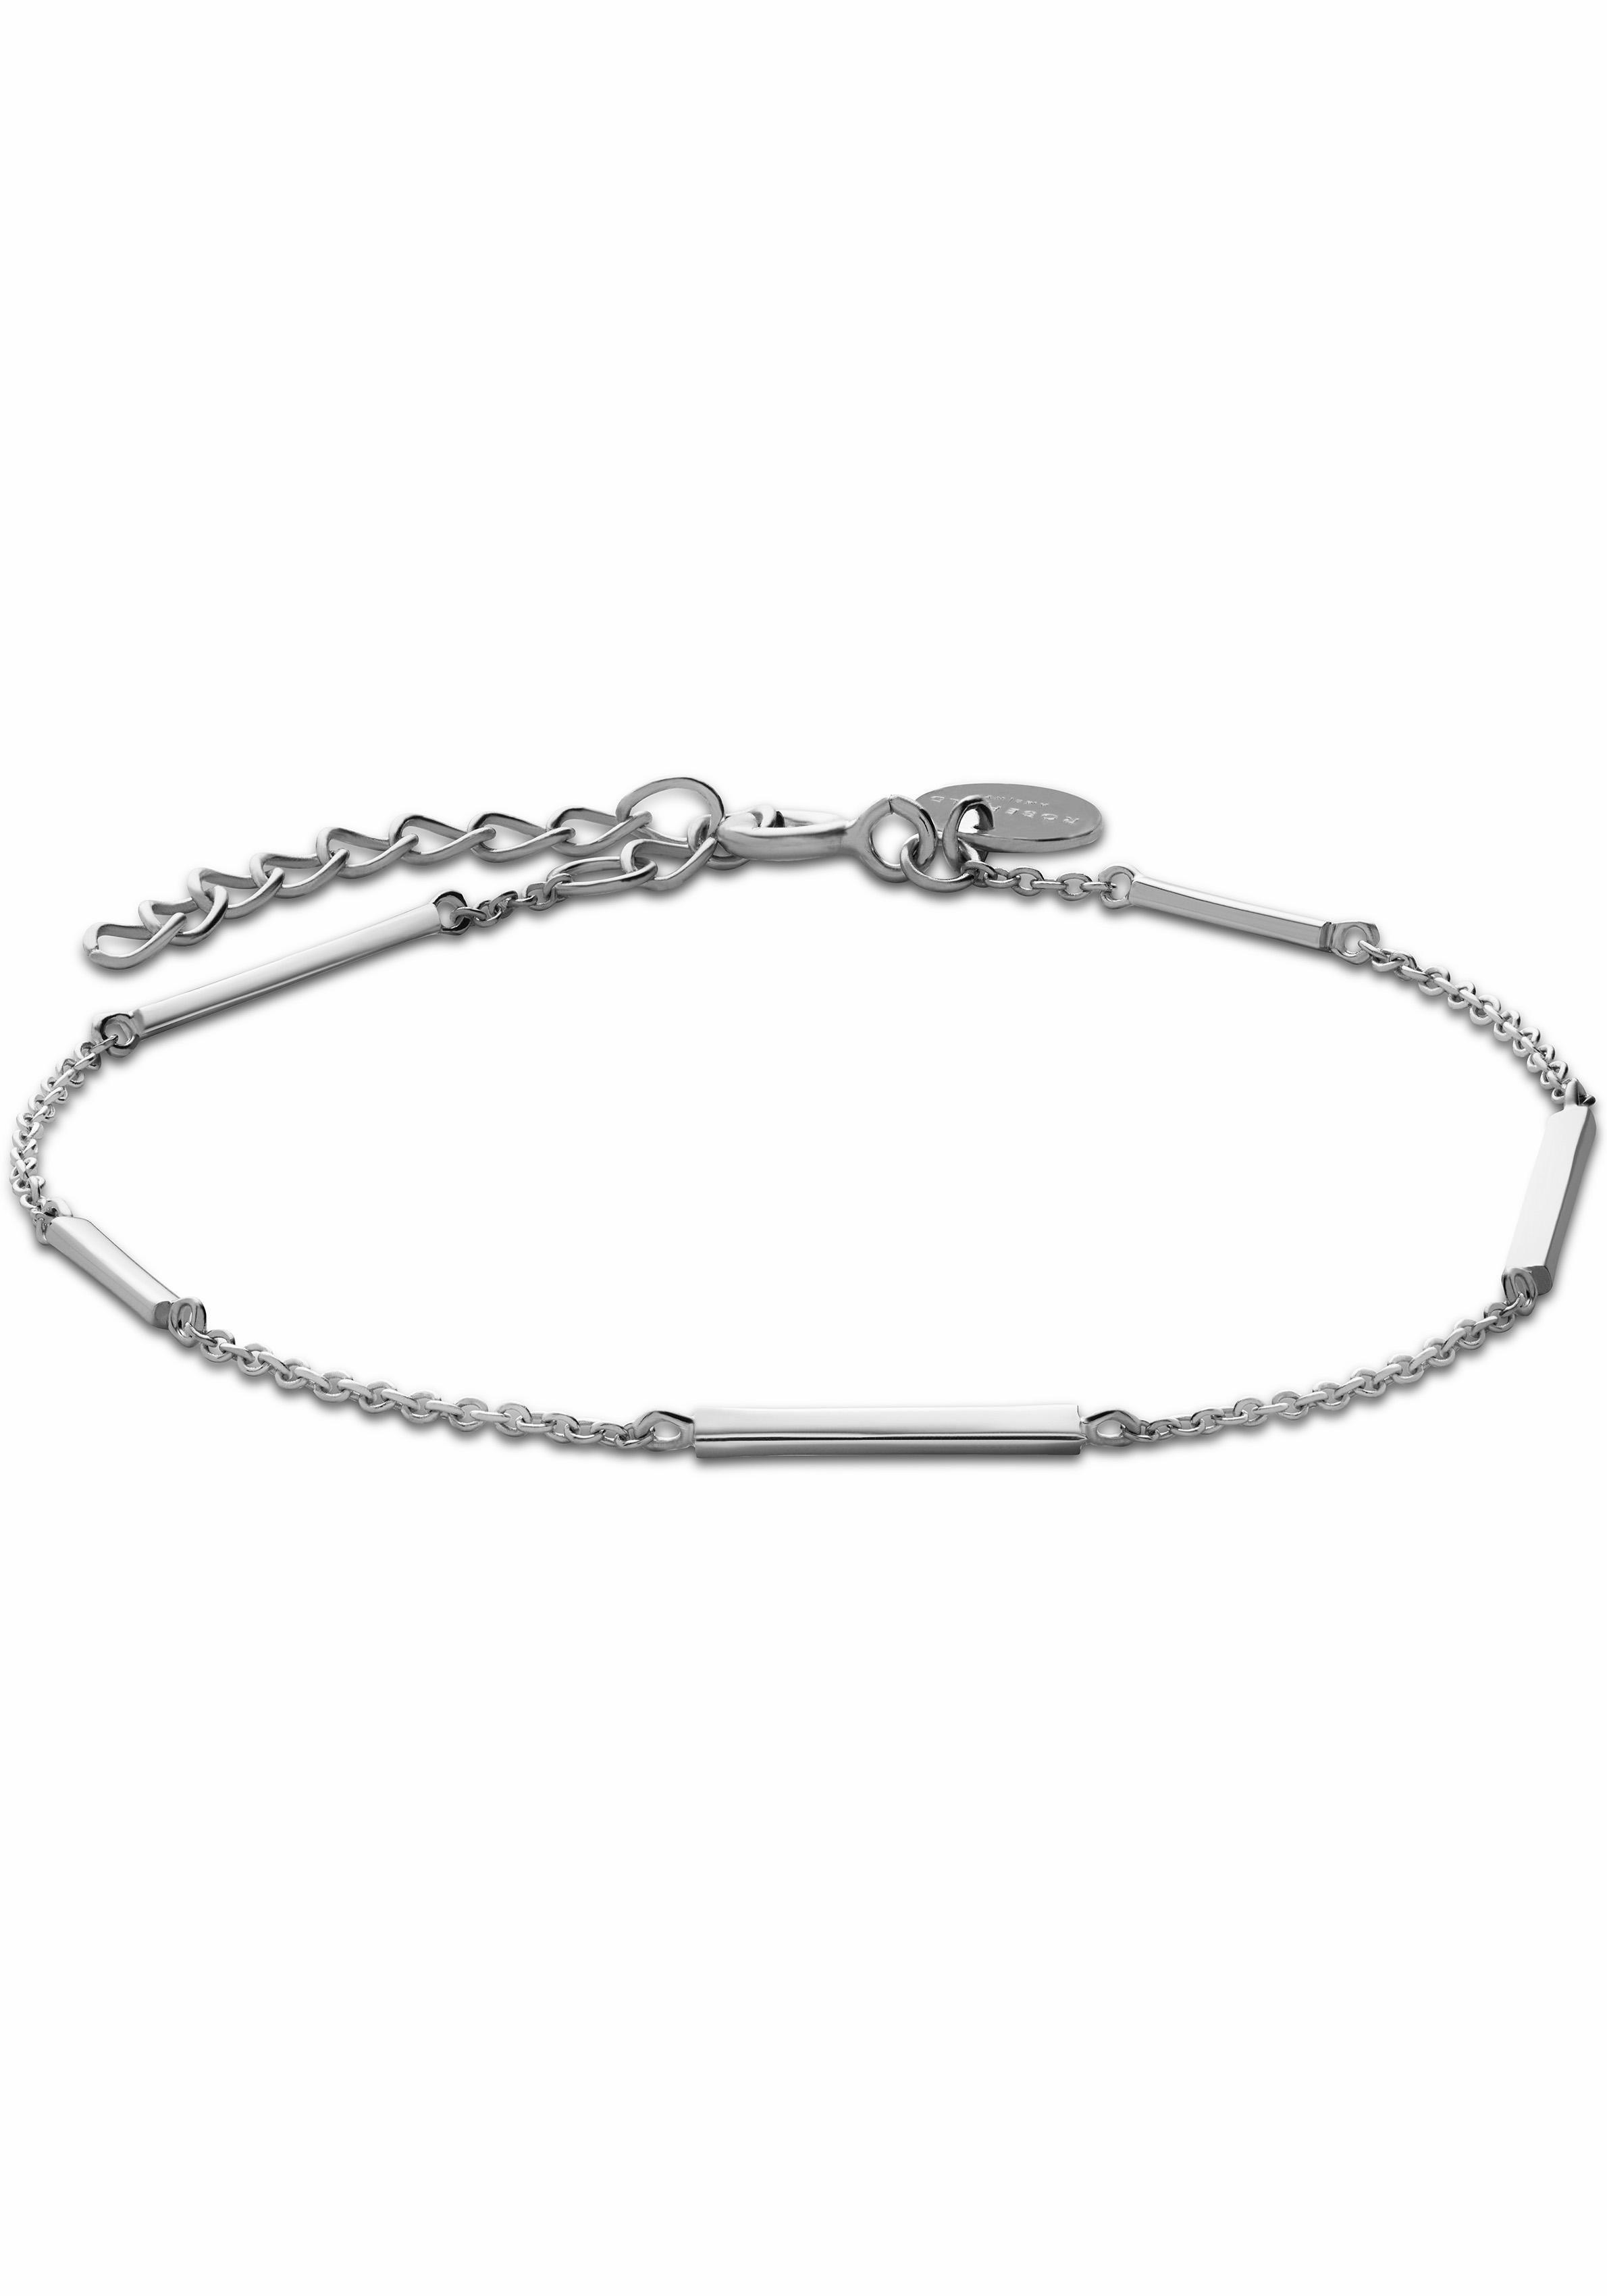 ROSEFIELD Armband »Chrystie, JCHS-J007«   Schmuck > Armbänder > Sonstige Armbänder   ROSEFIELD